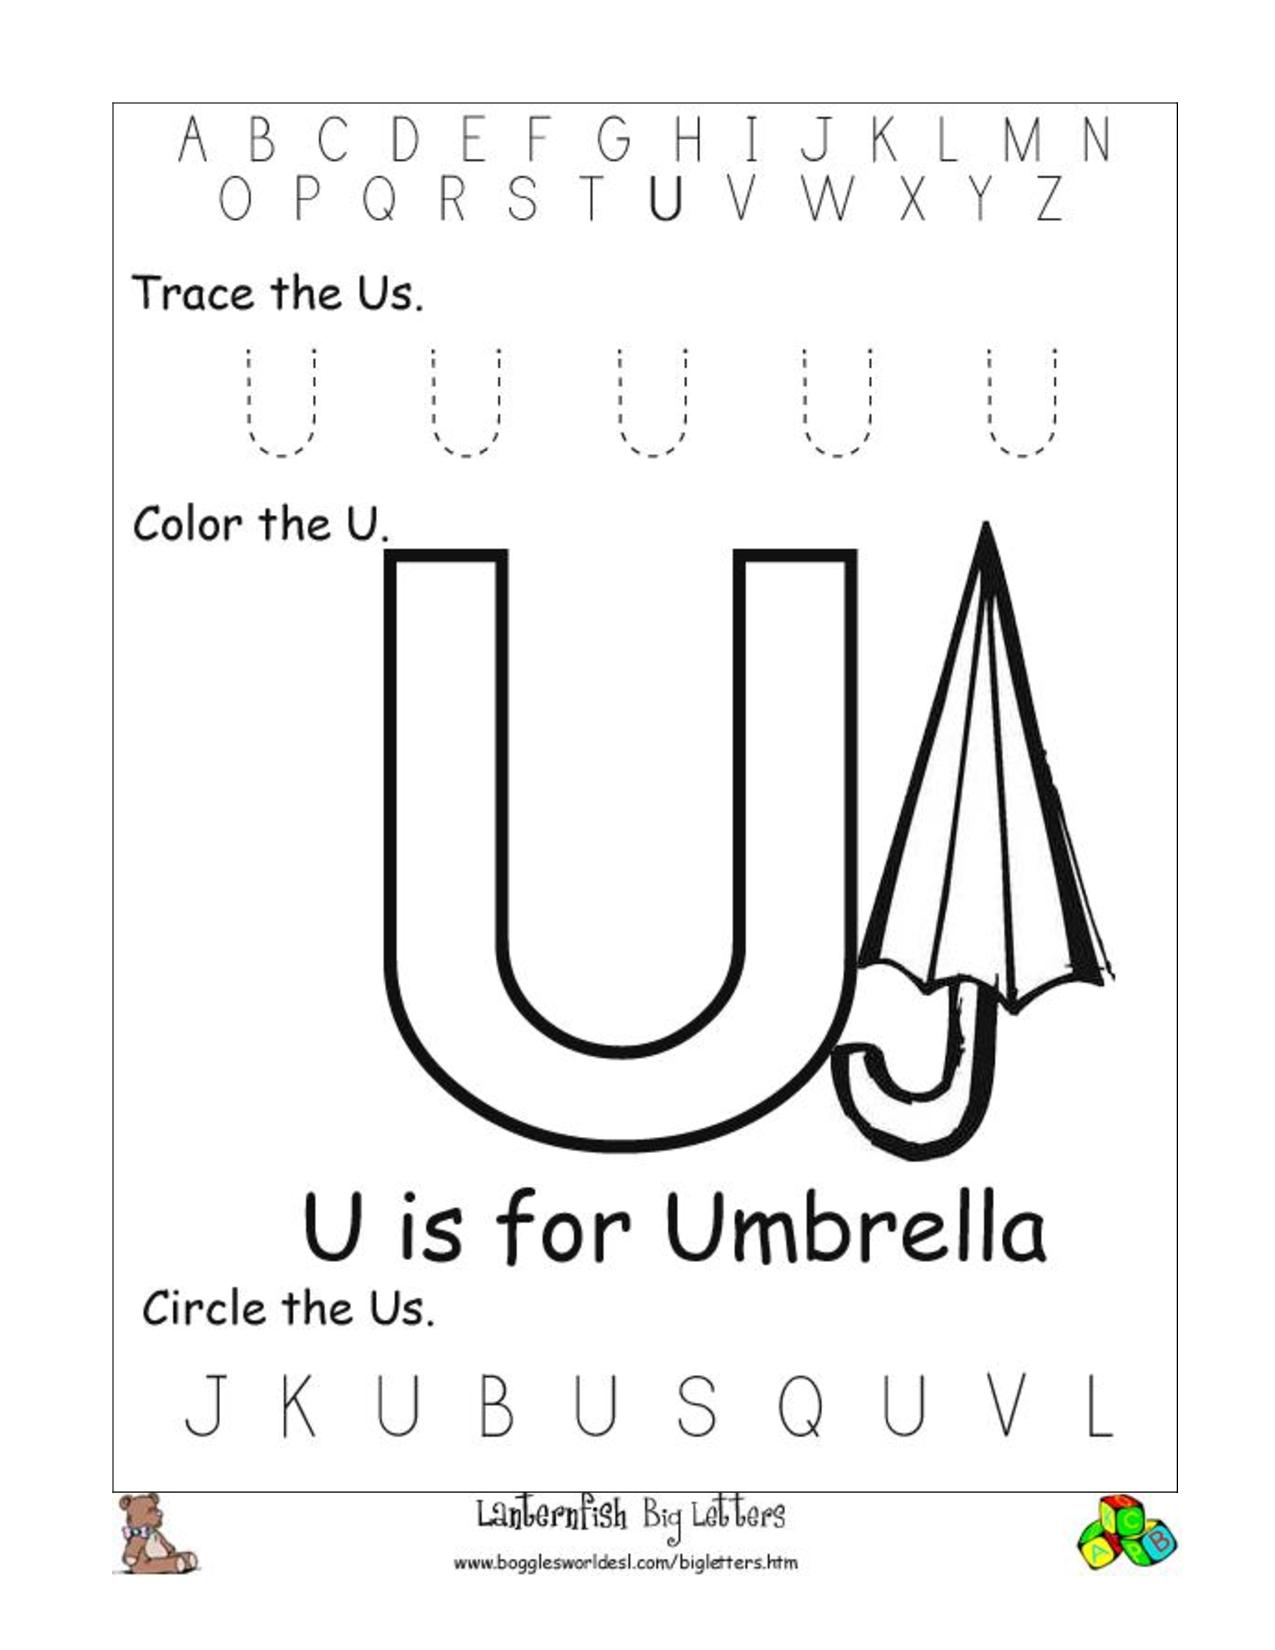 Alphabet Worksheet Big Letter U - Download Now Doc within Letter U Worksheets Pdf